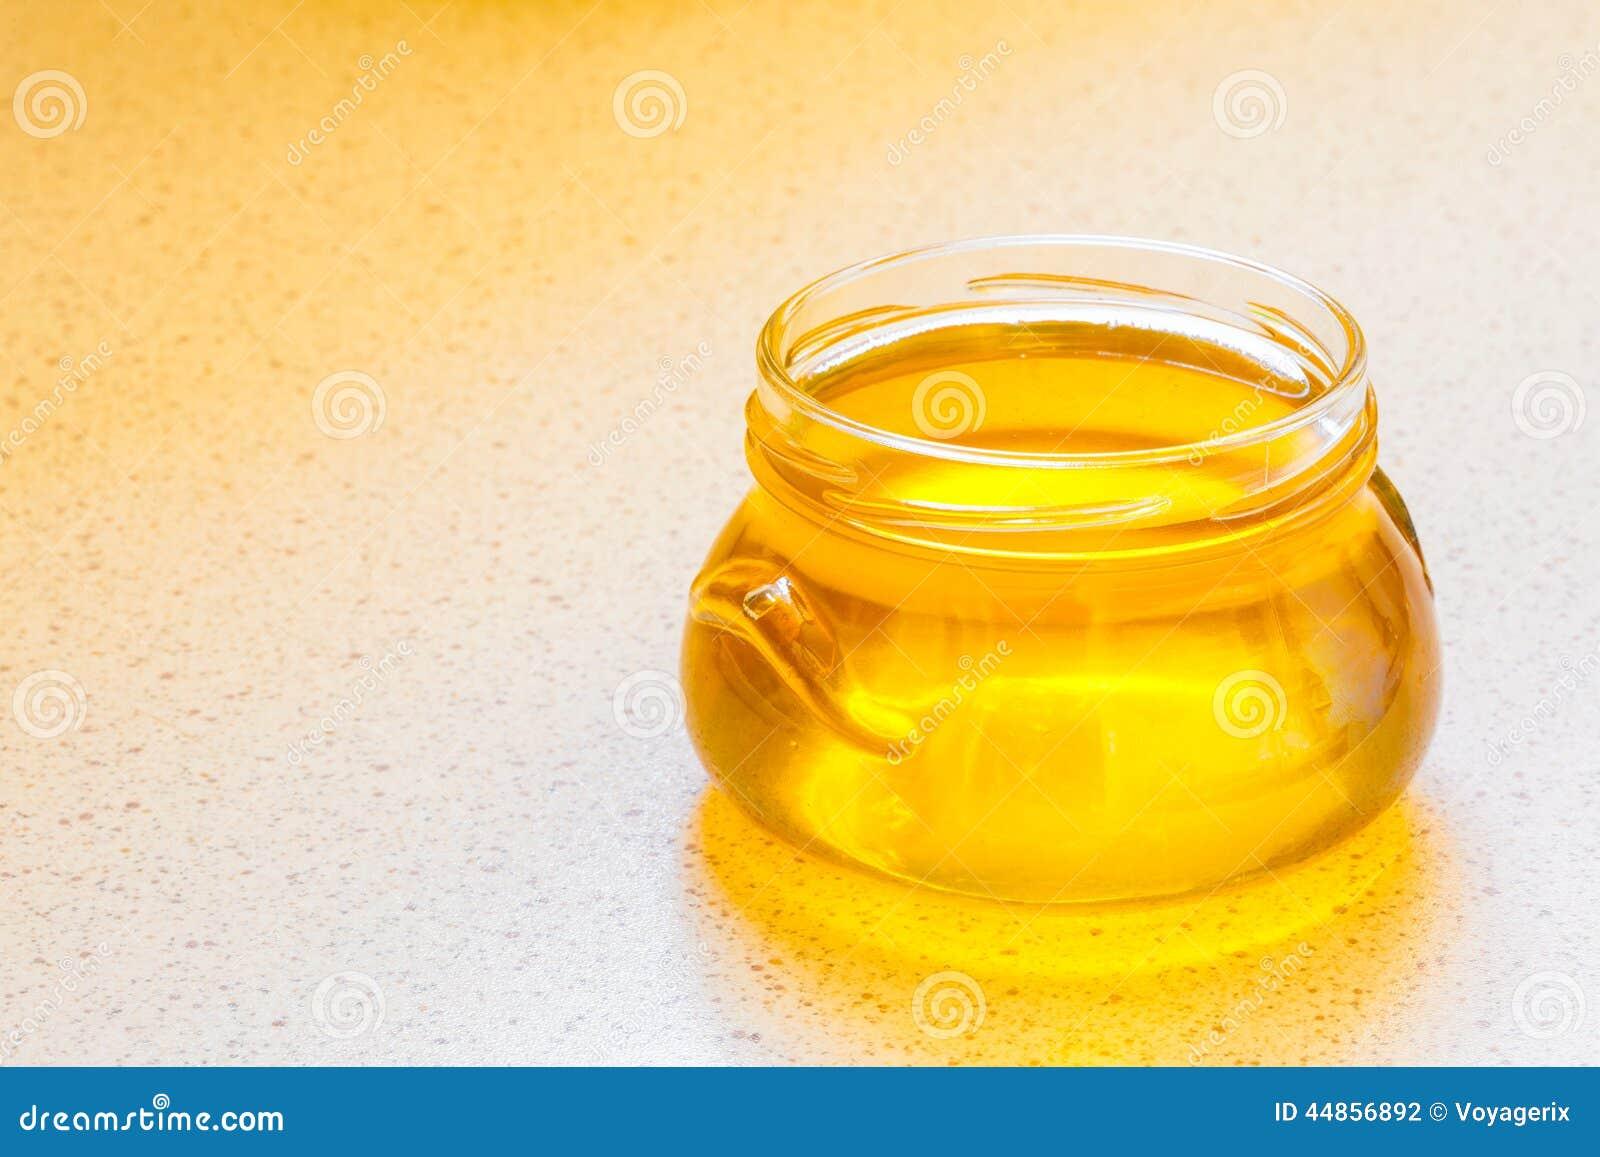 Tarro de miel floral orgánica